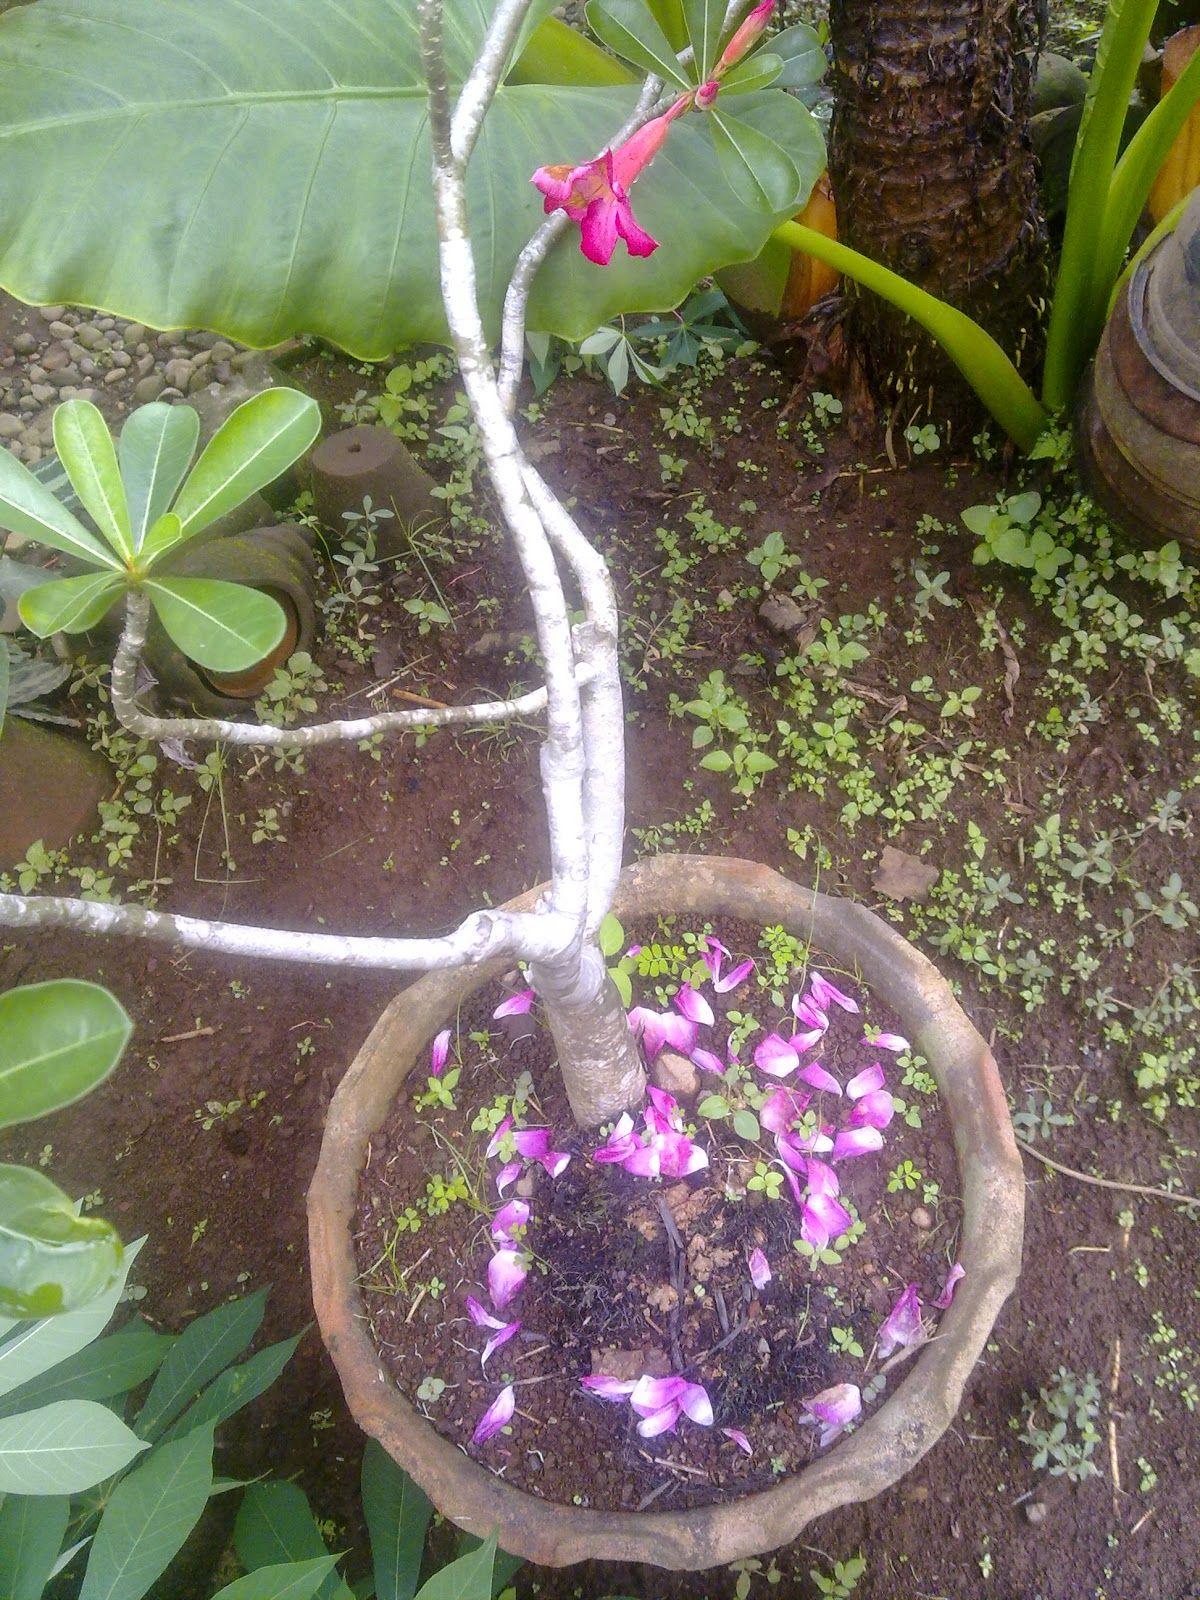 Pariwisata Indonesia Cantiknya Bunga Adenium Untuk Taman Dan Teras Ruma Taman Kebun Bunga